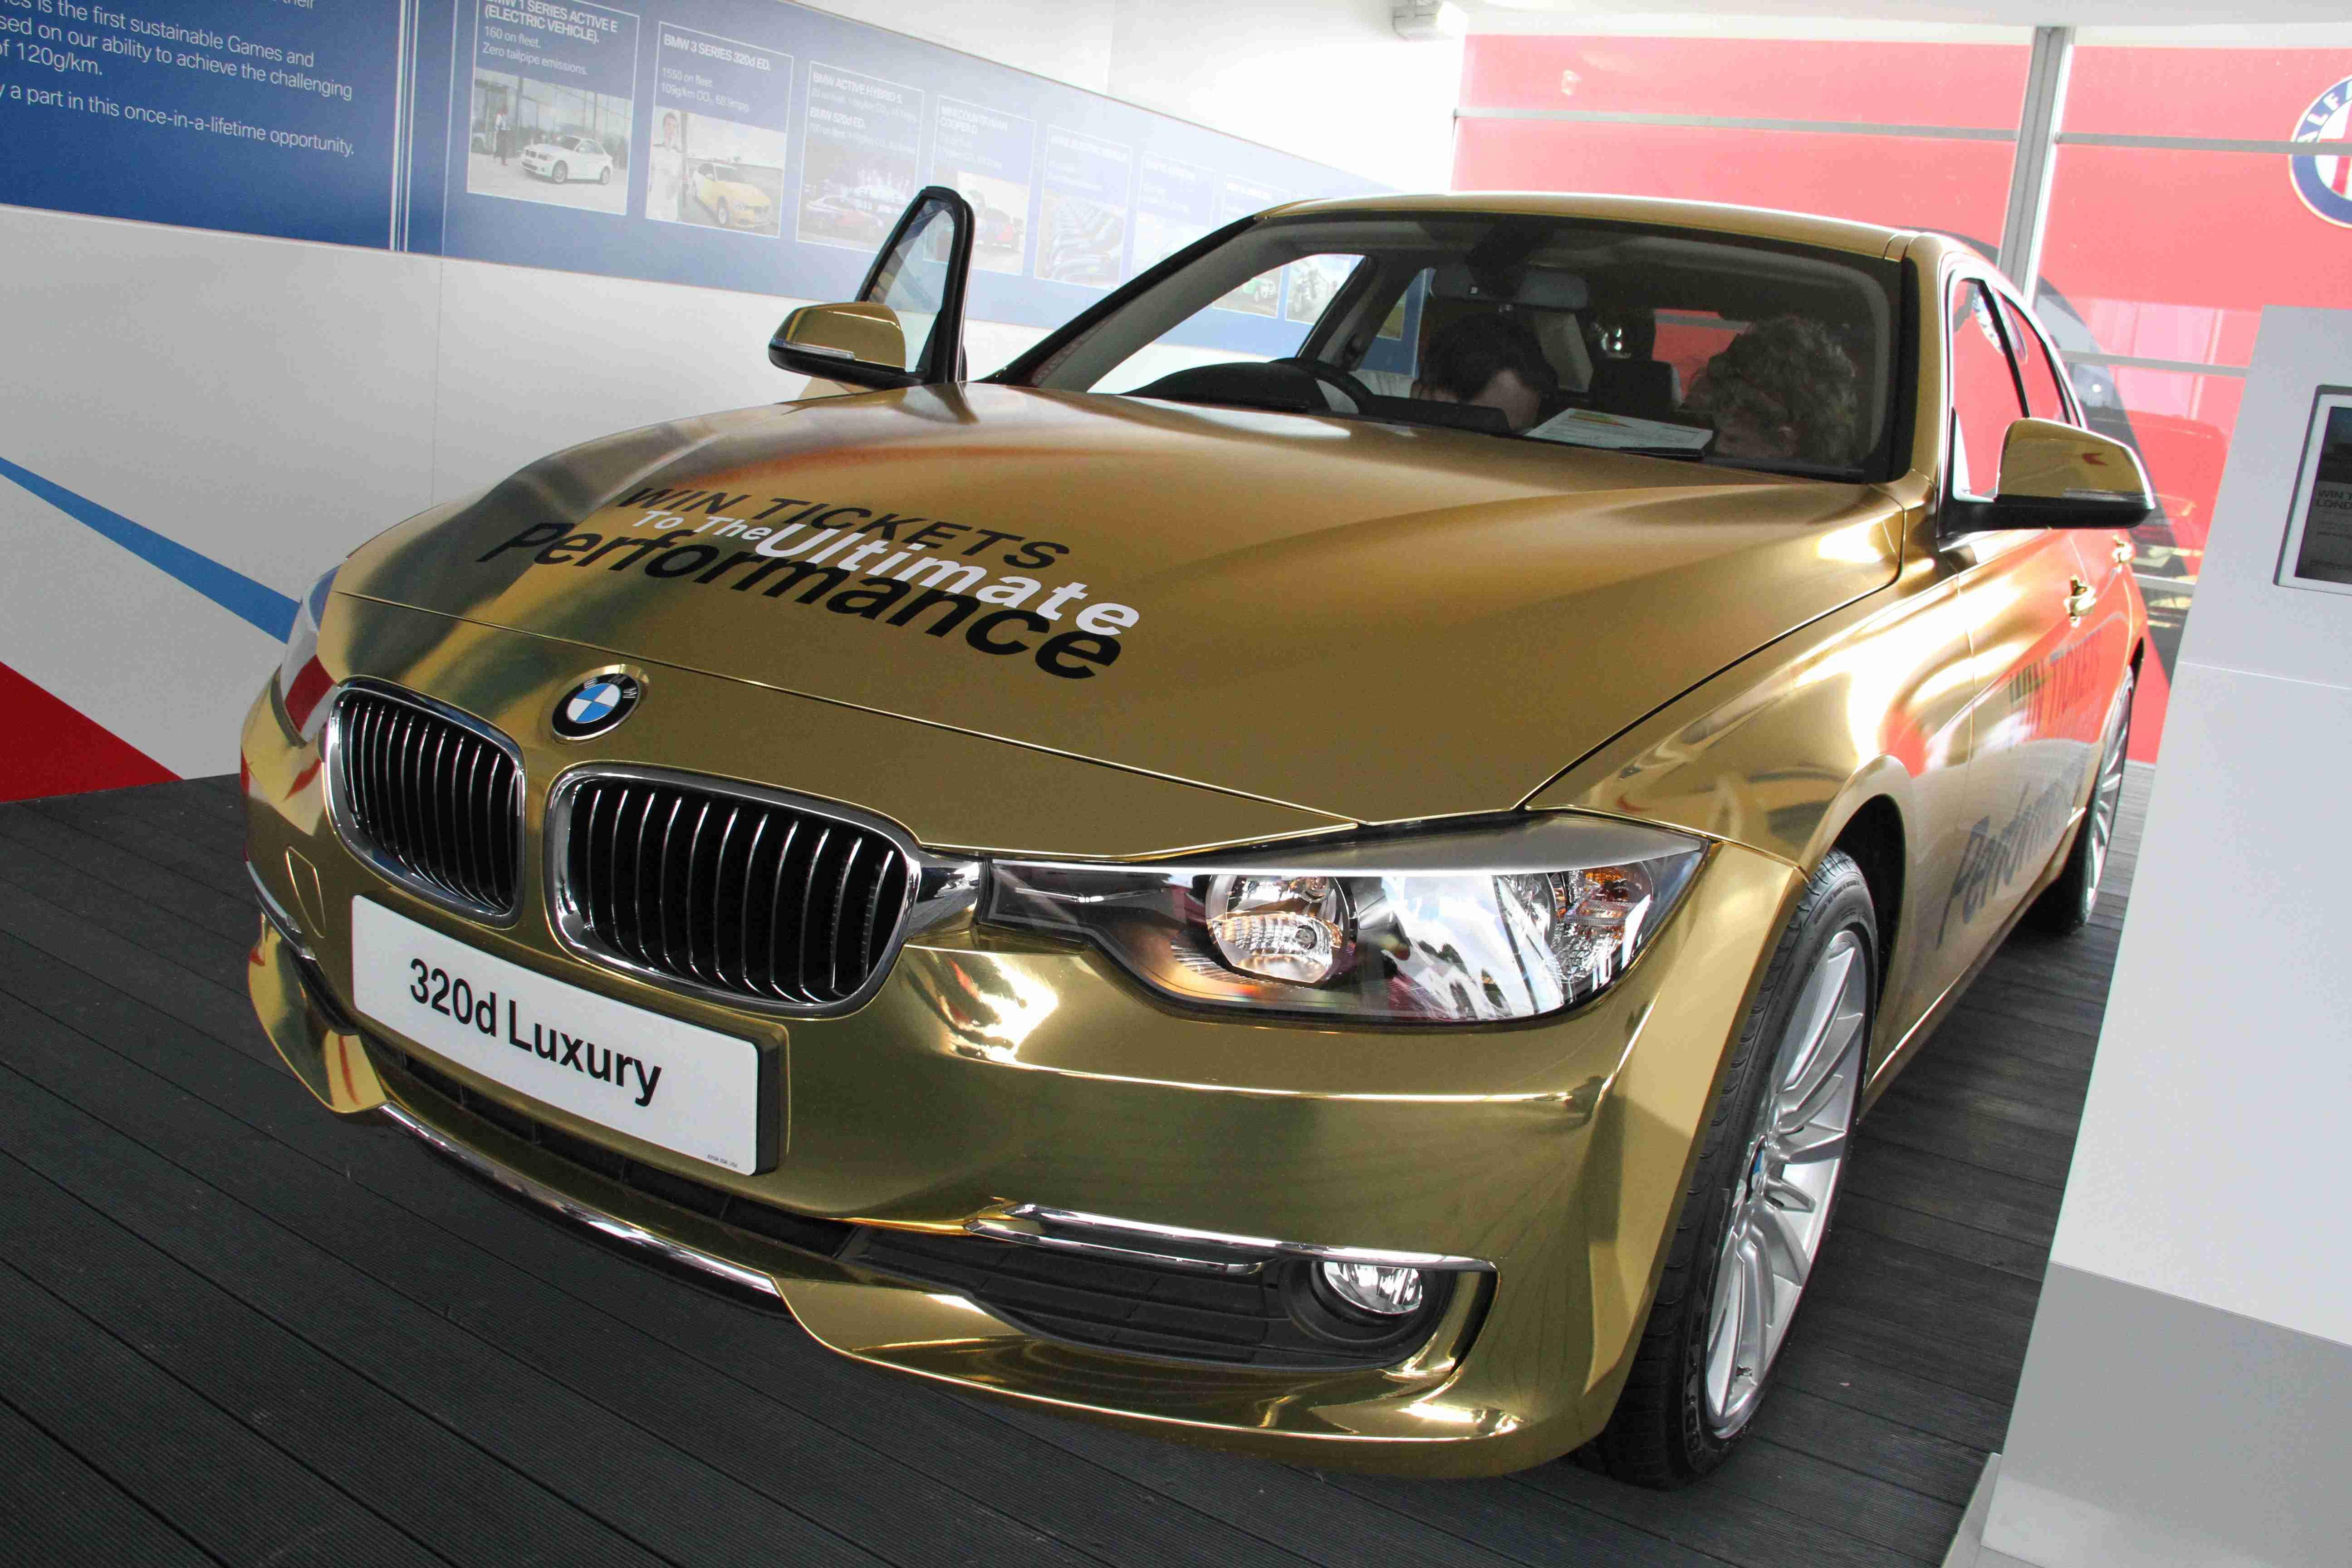 BMW 320d Luxury Gold